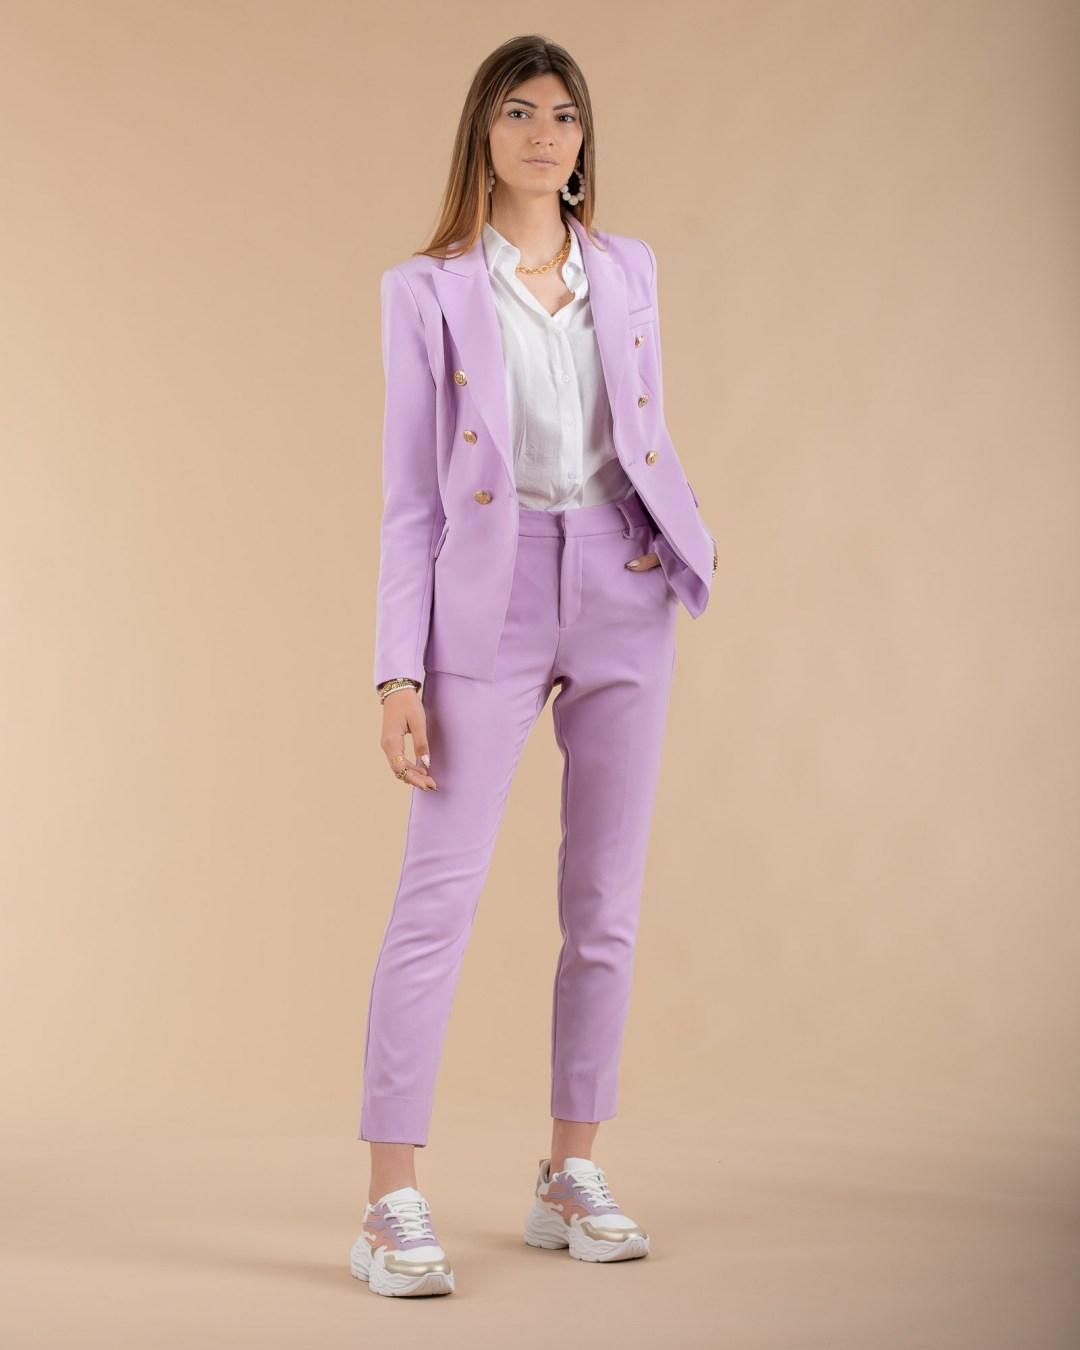 Pantalon couleur lilas pour femme